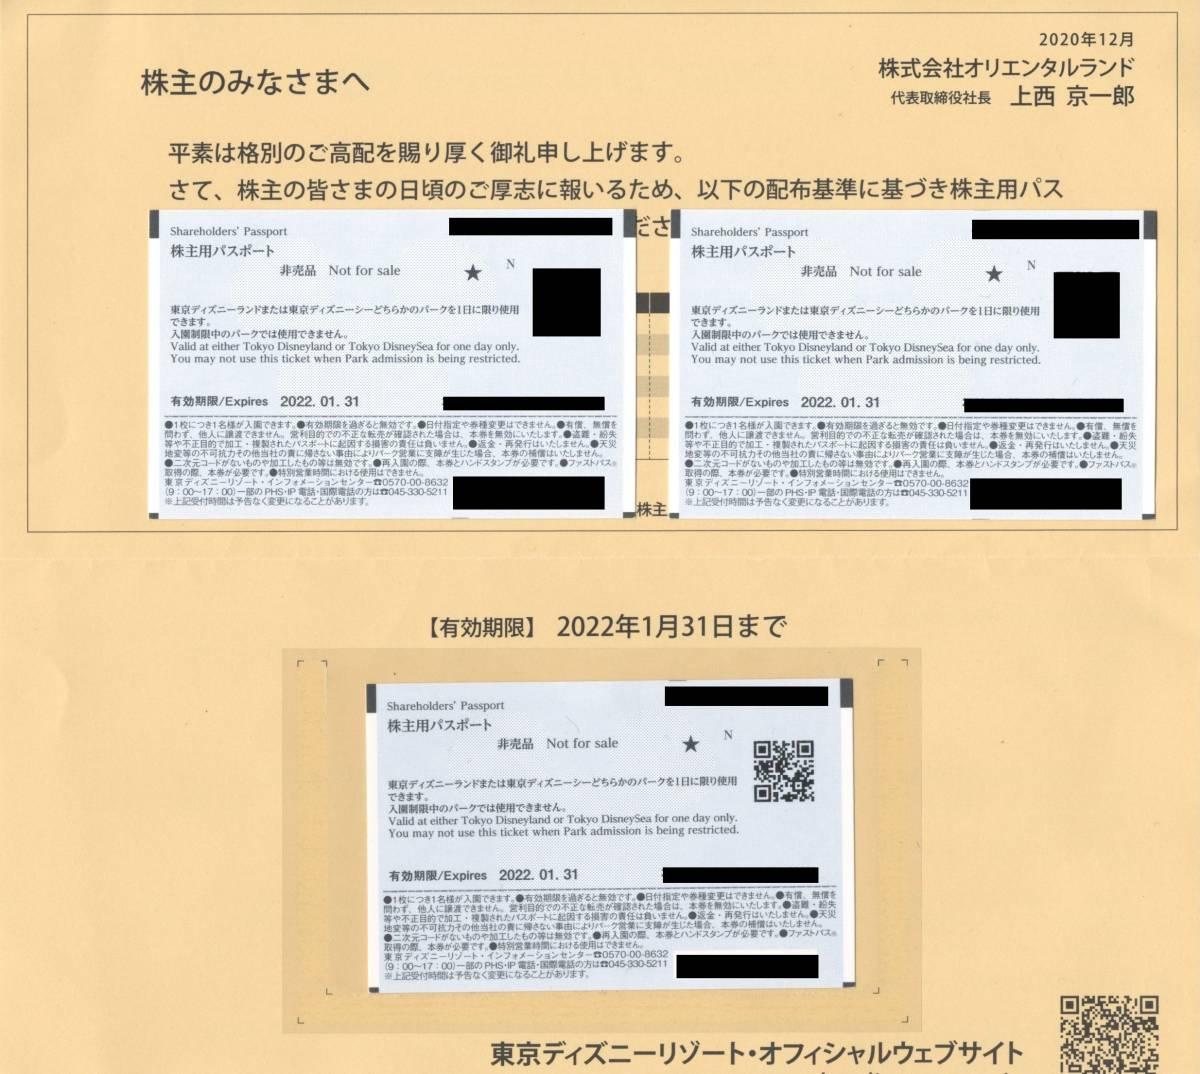 ディズニーチケット オリエンタルランド株主優待券3枚 未使用 ディズニーランド ディズニーシー_画像2